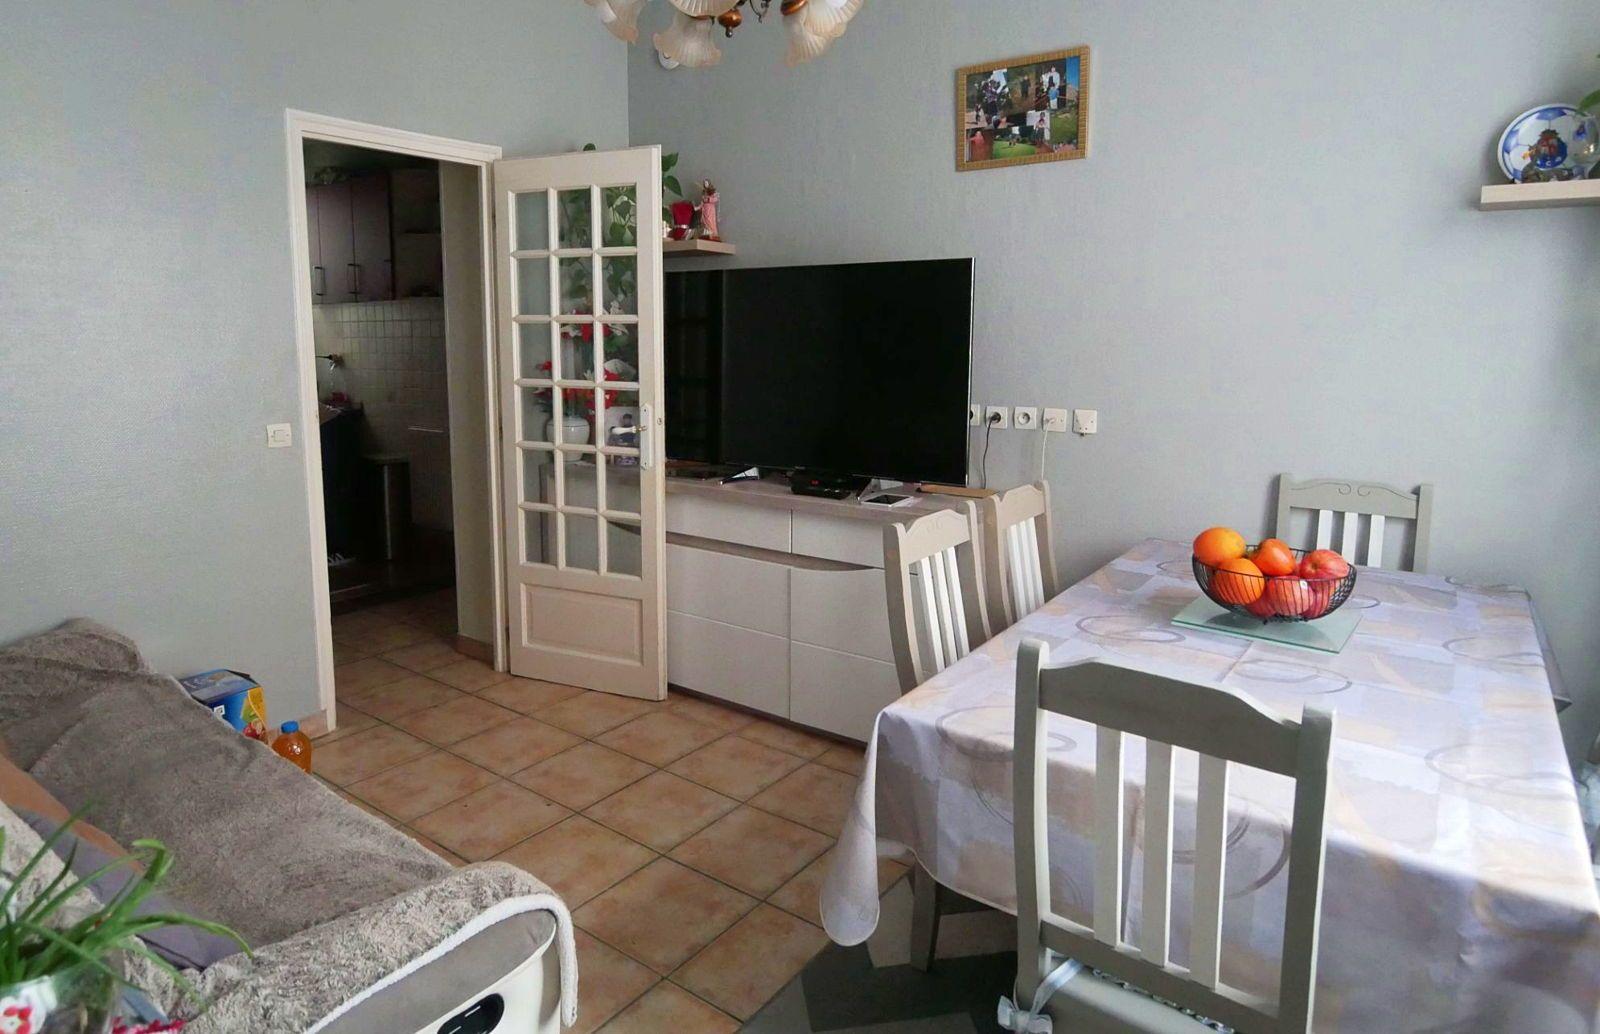 Vends appartement 2/3pièces 41m² - Asnières-sur-Seine (92)